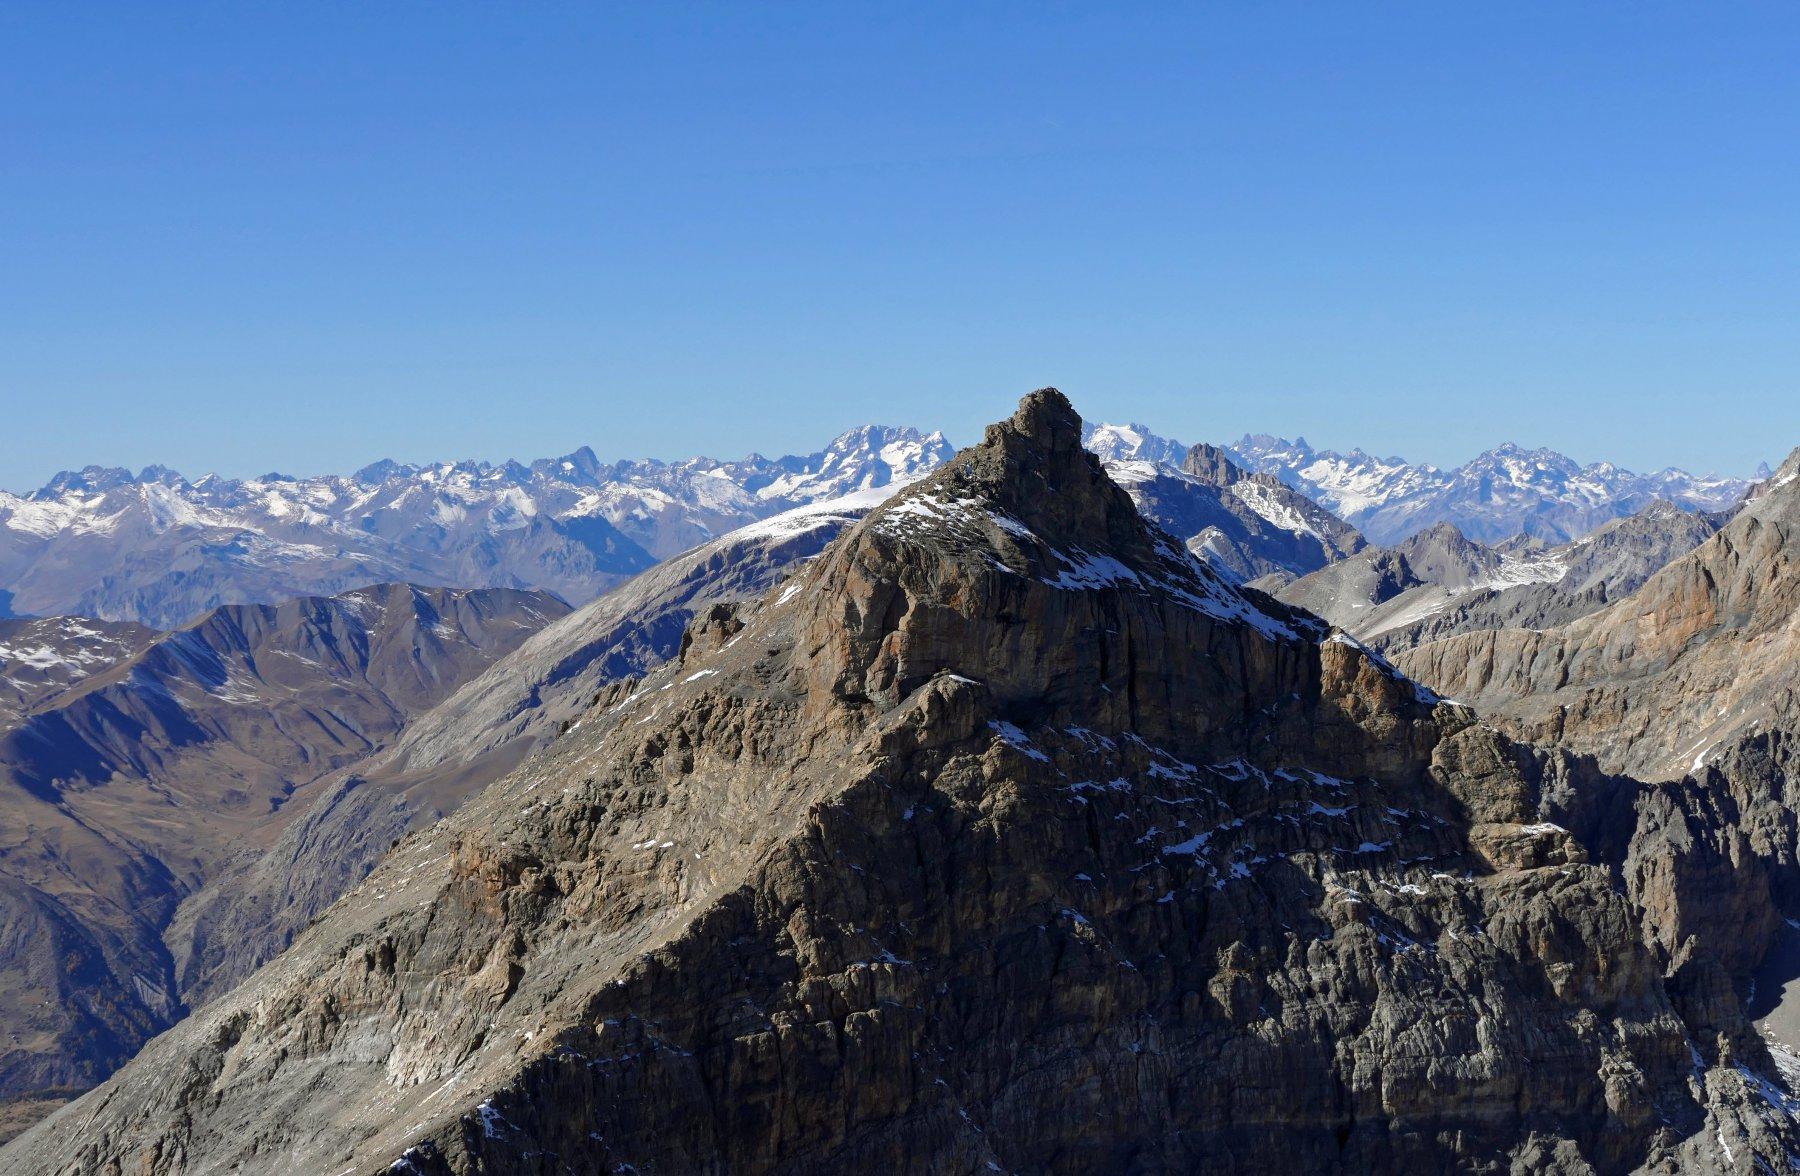 Dietro la slanciata Rocca Blancia si vedono gli Ecrins...